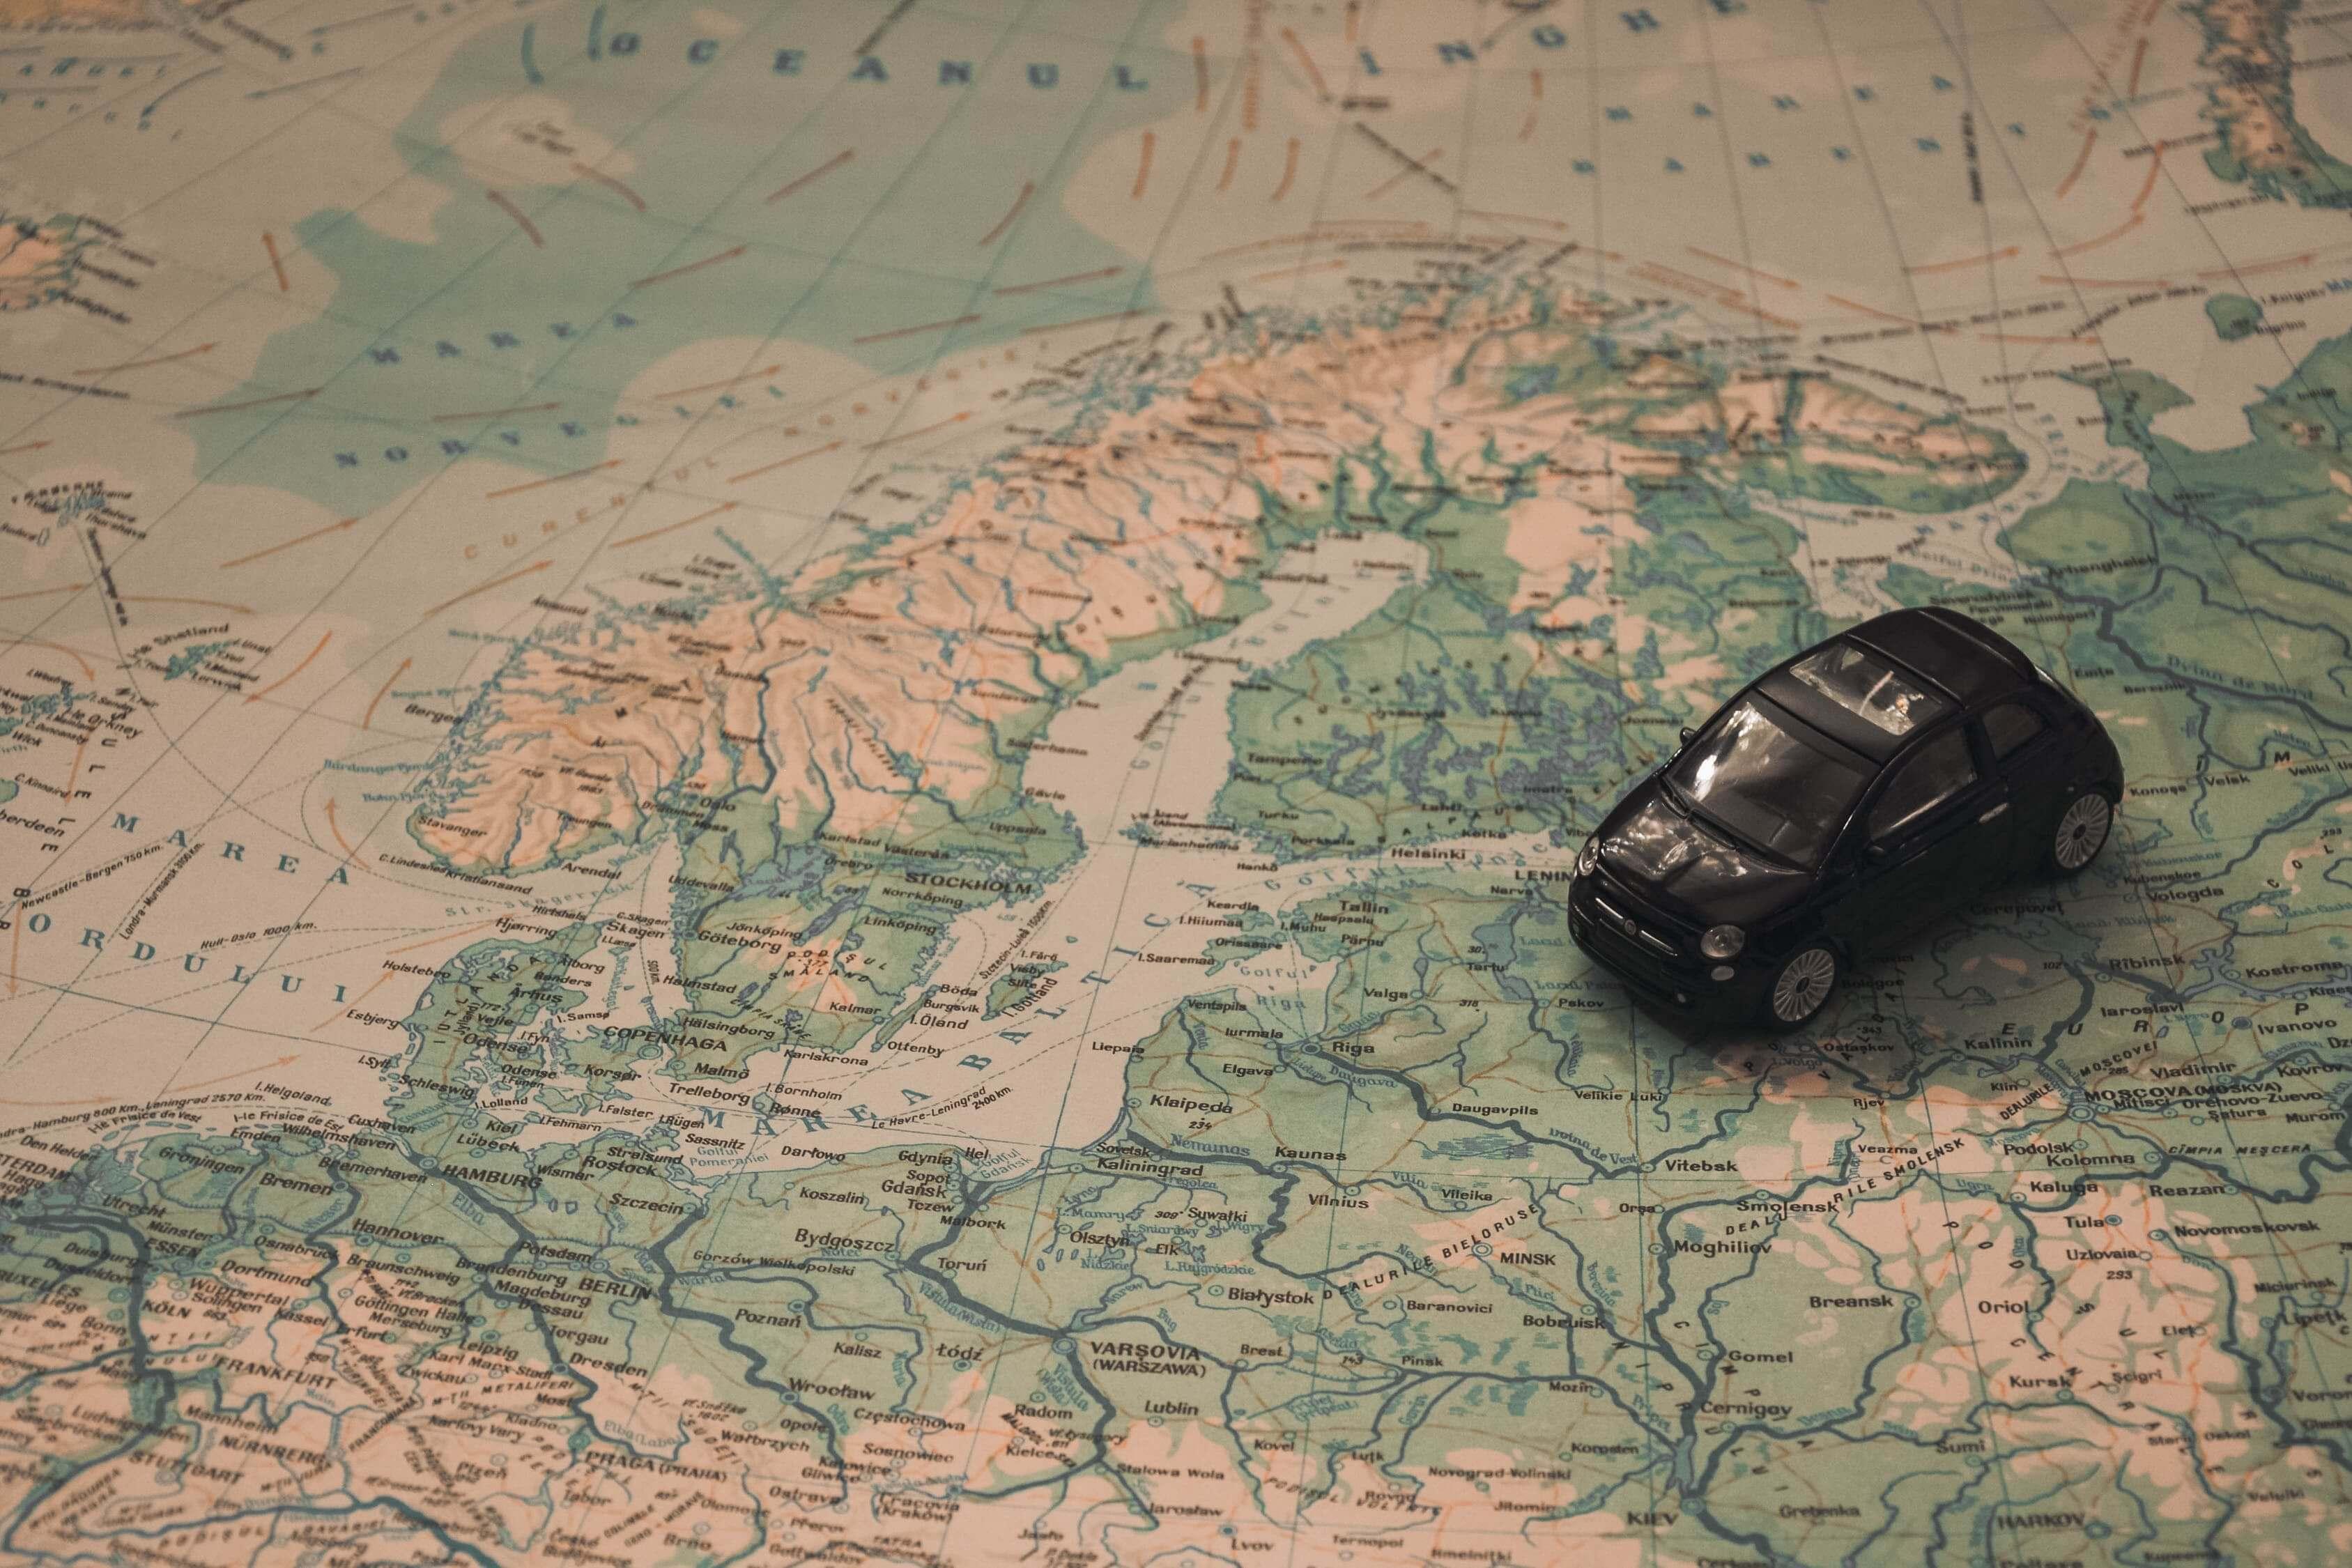 Una macchina giocattolo sopra una mappa